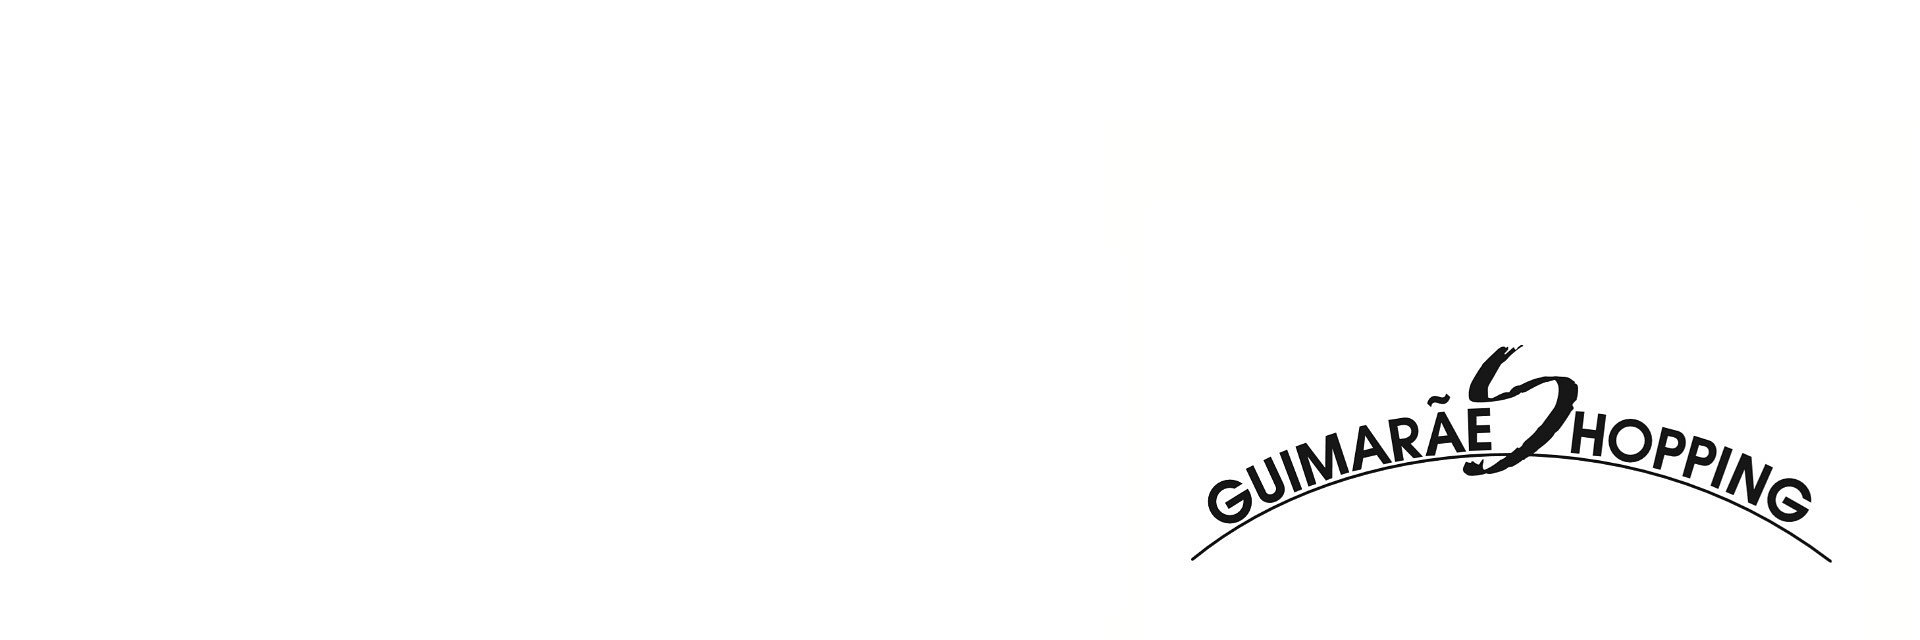 GuimarãeShopping celebra os 25 anos com uma programação especial